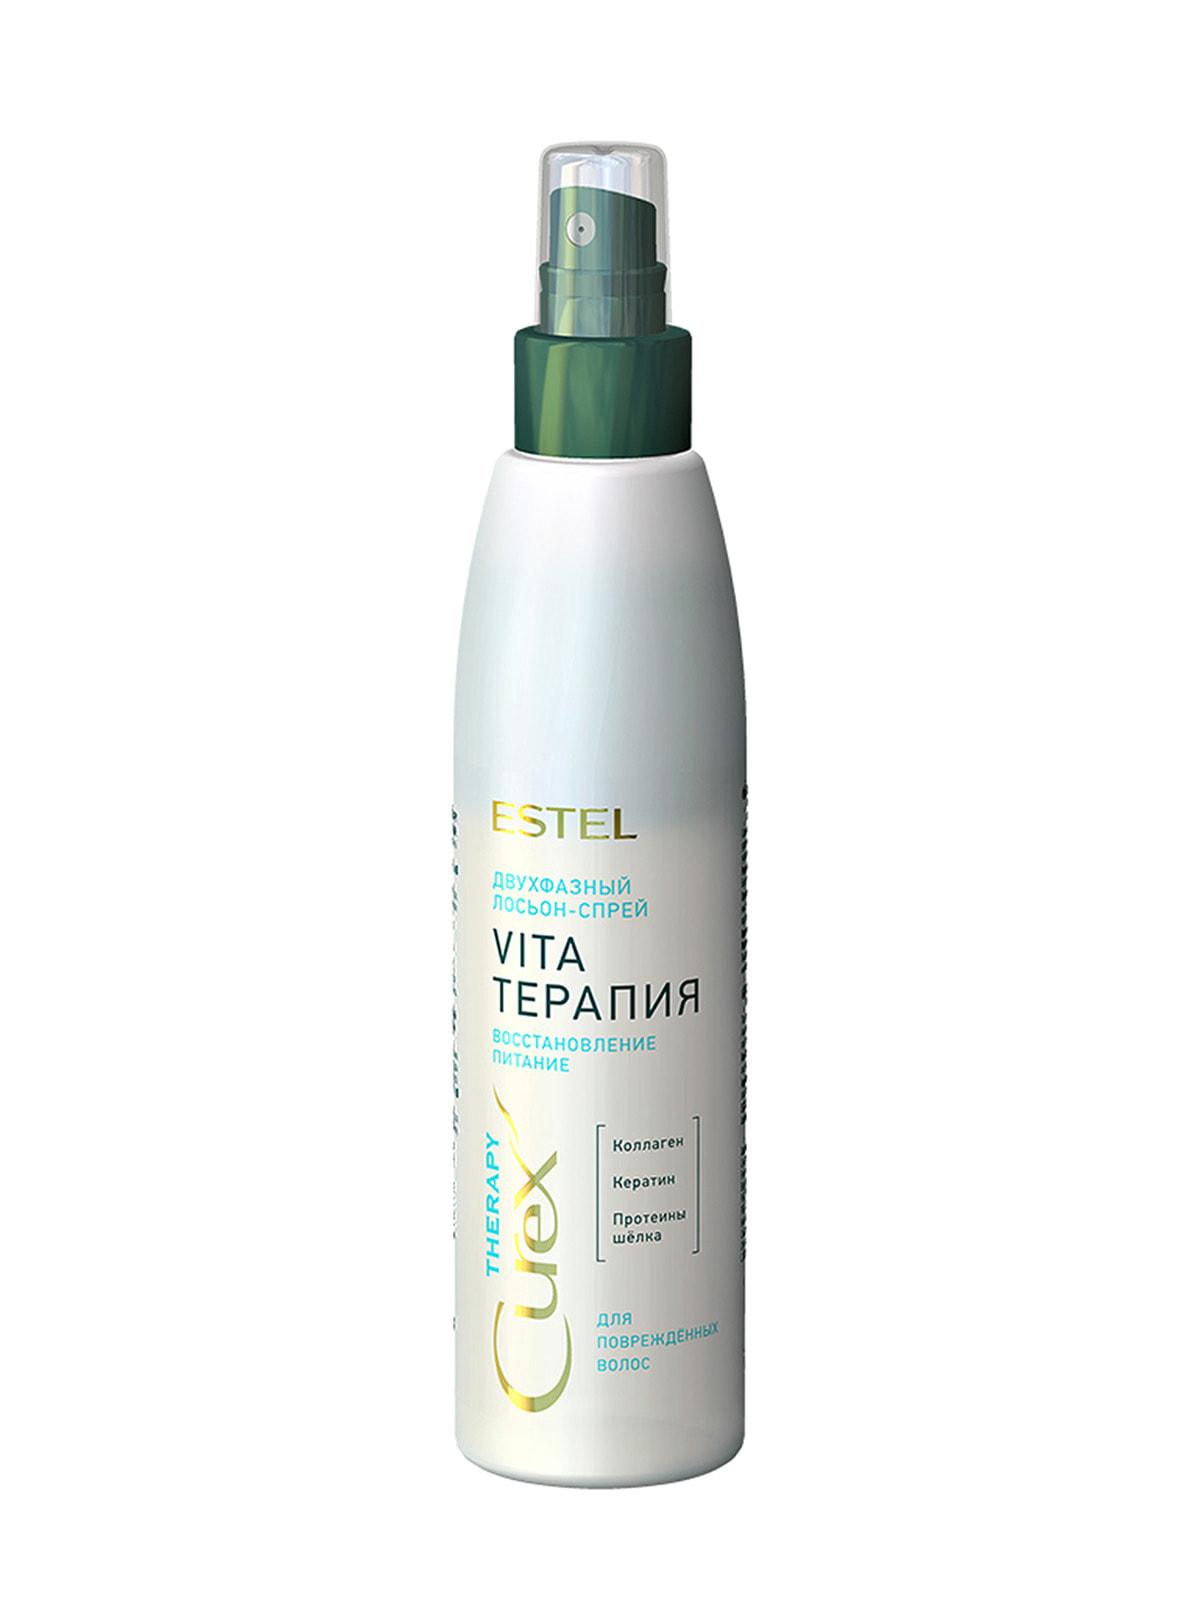 Двухфазный лосьон-спрей «Интенсивное восстановление» для поврежденных волос Curex Therapy (200 мл) | 4693435